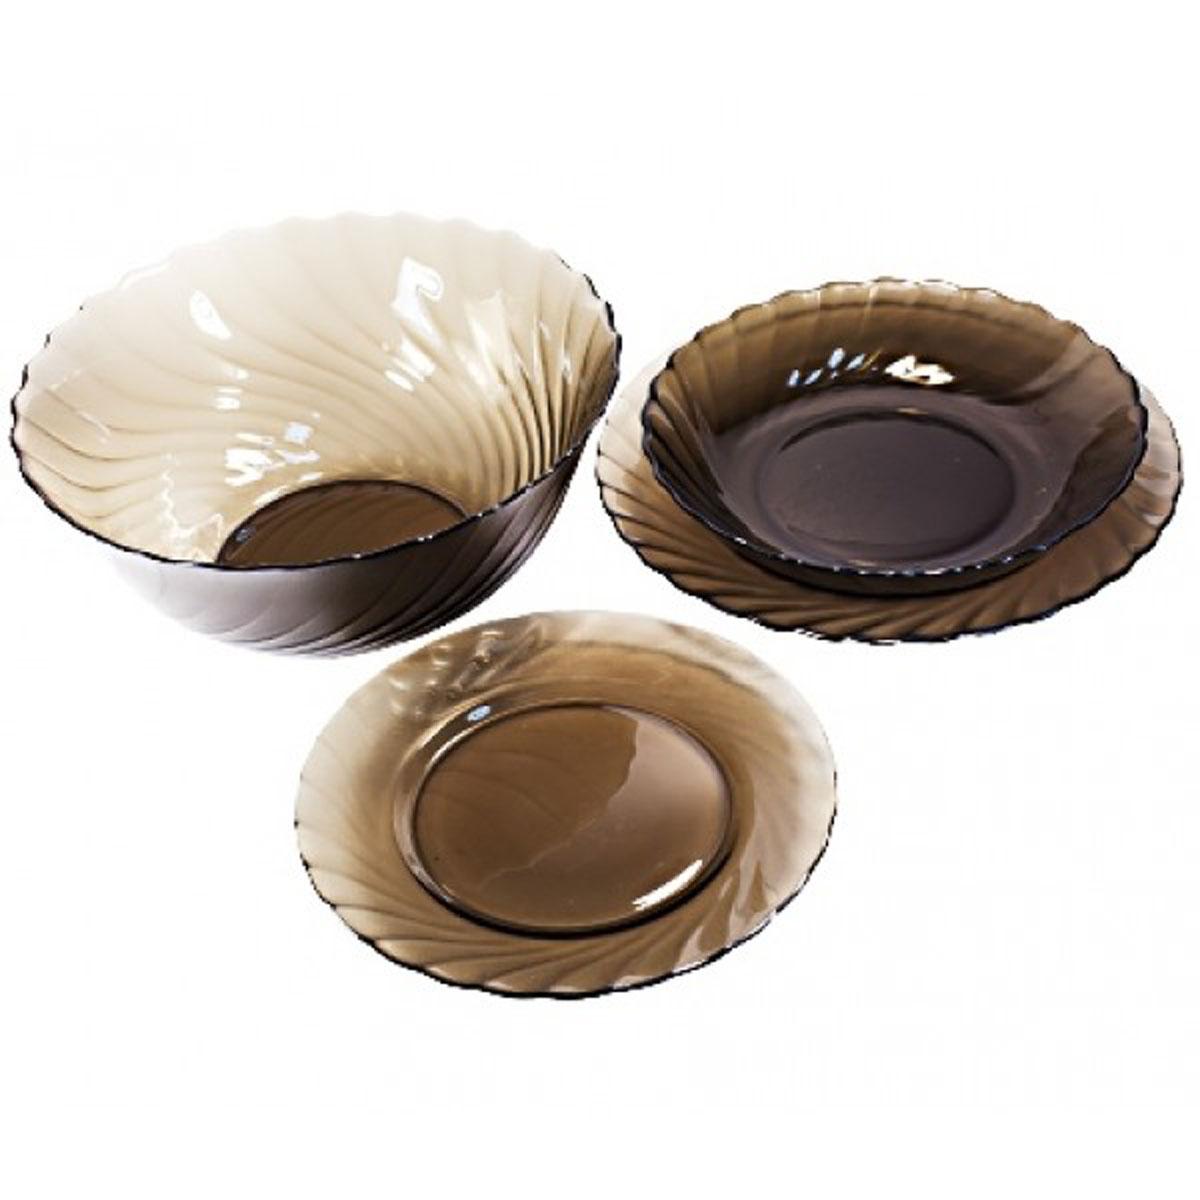 Набор столовой посуды Luminarc Ocean Eclipse, 19 предметовH0329Набор Luminarc Ocean Eclipse состоит из 6 суповых тарелок, 6 обеденных тарелок, 6 десертных тарелок и глубокого салатника. Изделия выполнены из ударопрочного стекла, имеют яркий дизайн с рельефным рисунком по краям и классическую круглую форму. Посуда отличается прочностью, гигиеничностью и долгим сроком службы, она устойчива к появлению царапин и резким перепадам температур. Такой набор прекрасно подойдет как для повседневного использования, так и для праздников или особенных случаев. Набор столовой посуды Luminarc Ocean Eclipse - это не только яркий и полезный подарок для родных и близких, а также великолепное дизайнерское решение для вашей кухни или столовой. Можно мыть в посудомоечной машине и использовать в микроволновой печи. Диаметр суповой тарелки: 20,5 см. Высота суповой тарелки: 3,5 см. Диаметр обеденной тарелки: 24 см. Высота обеденной тарелки: 2,2 см. Диаметр десертной тарелки: 19,5 см. ...